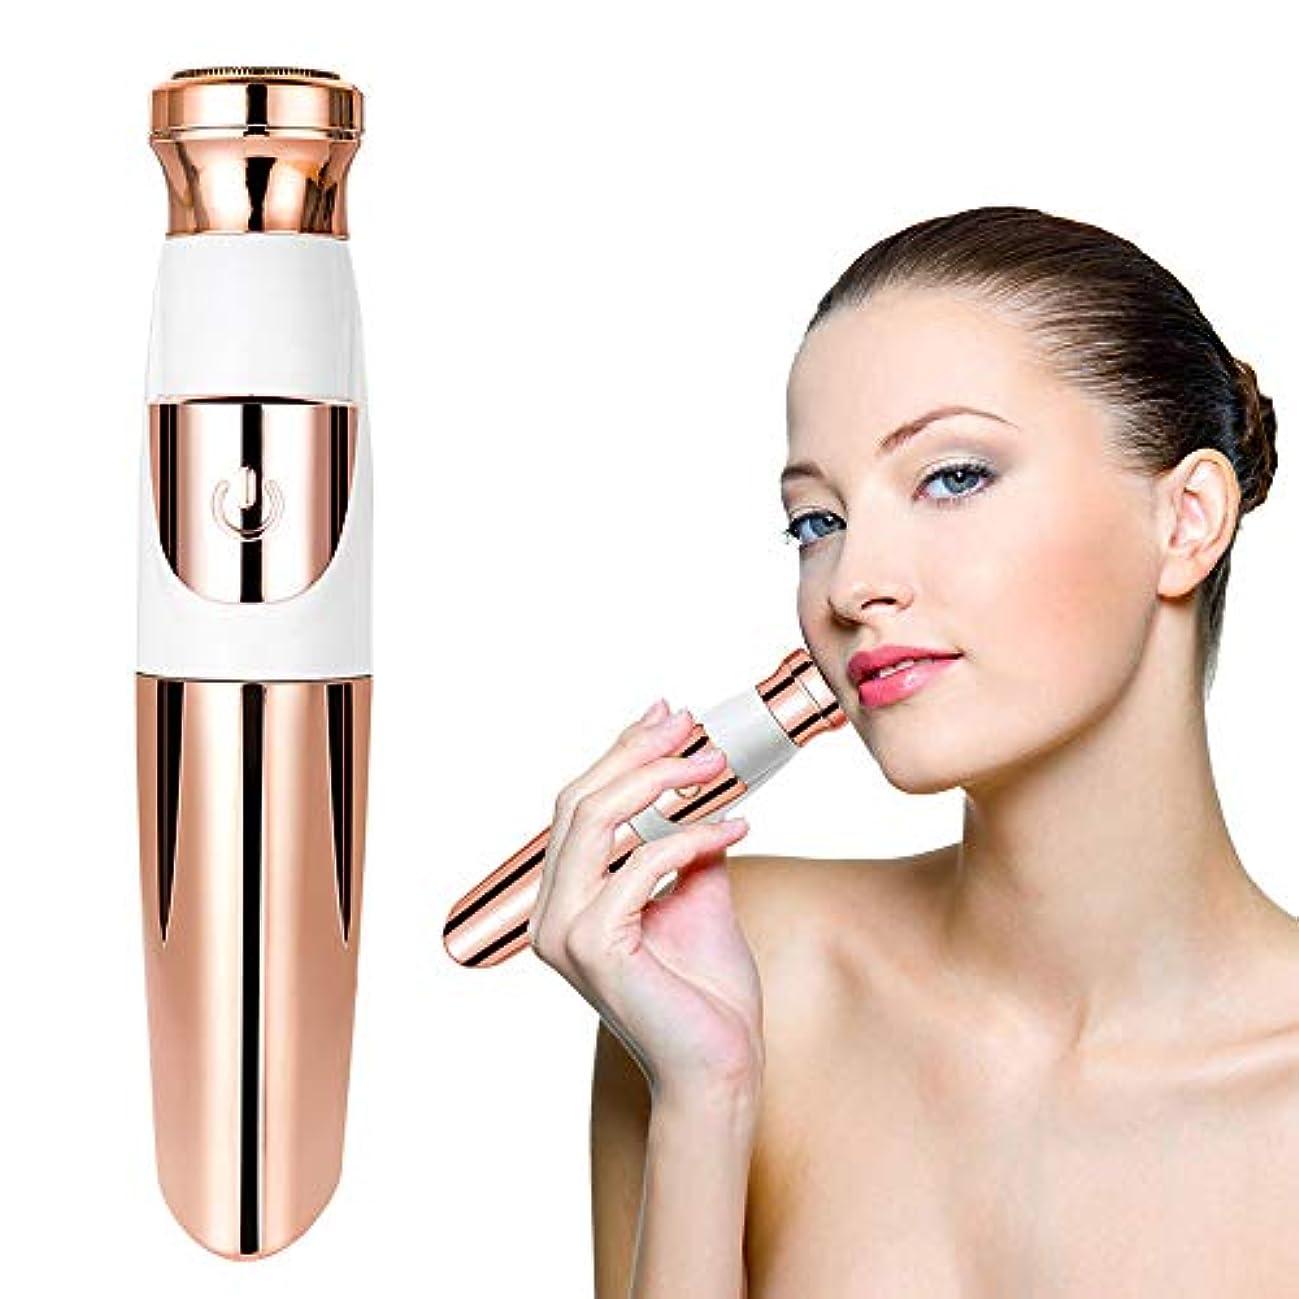 オークスポットペリスコープ女性のための顔の毛の除去剤、顔、鼻、耳、および眉毛のための電気携帯用痛みのない顔かみそり、家庭および旅行のための脱毛器/トリマー